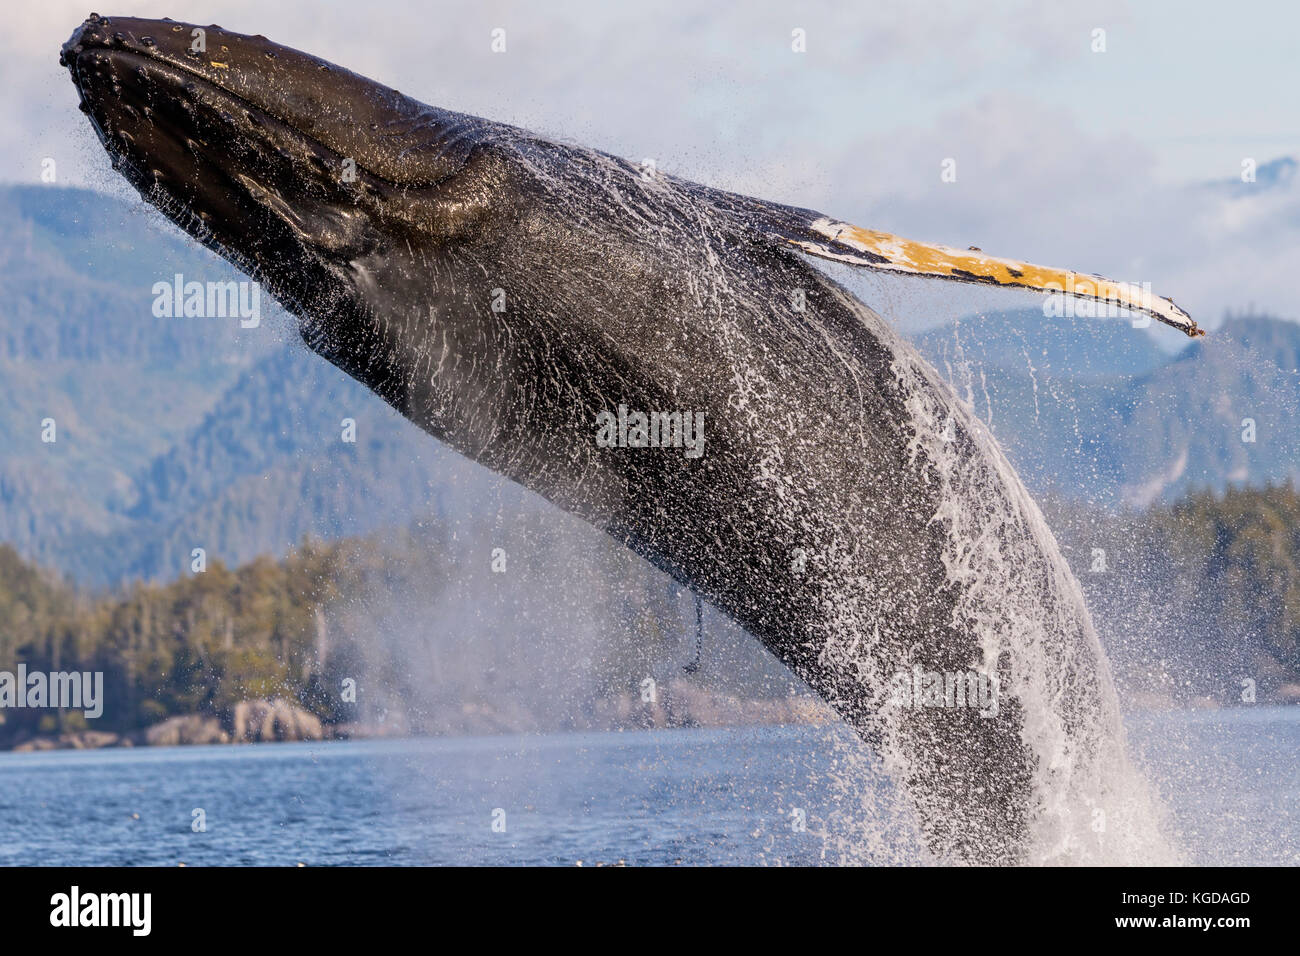 La ballena jorobada (Megaptera novaengliae) Infracción delante de las montañas costeras de Columbia Británica en el estrecho Queen Charlotte fuera de la isla de Vancouver, el hno. Foto de stock